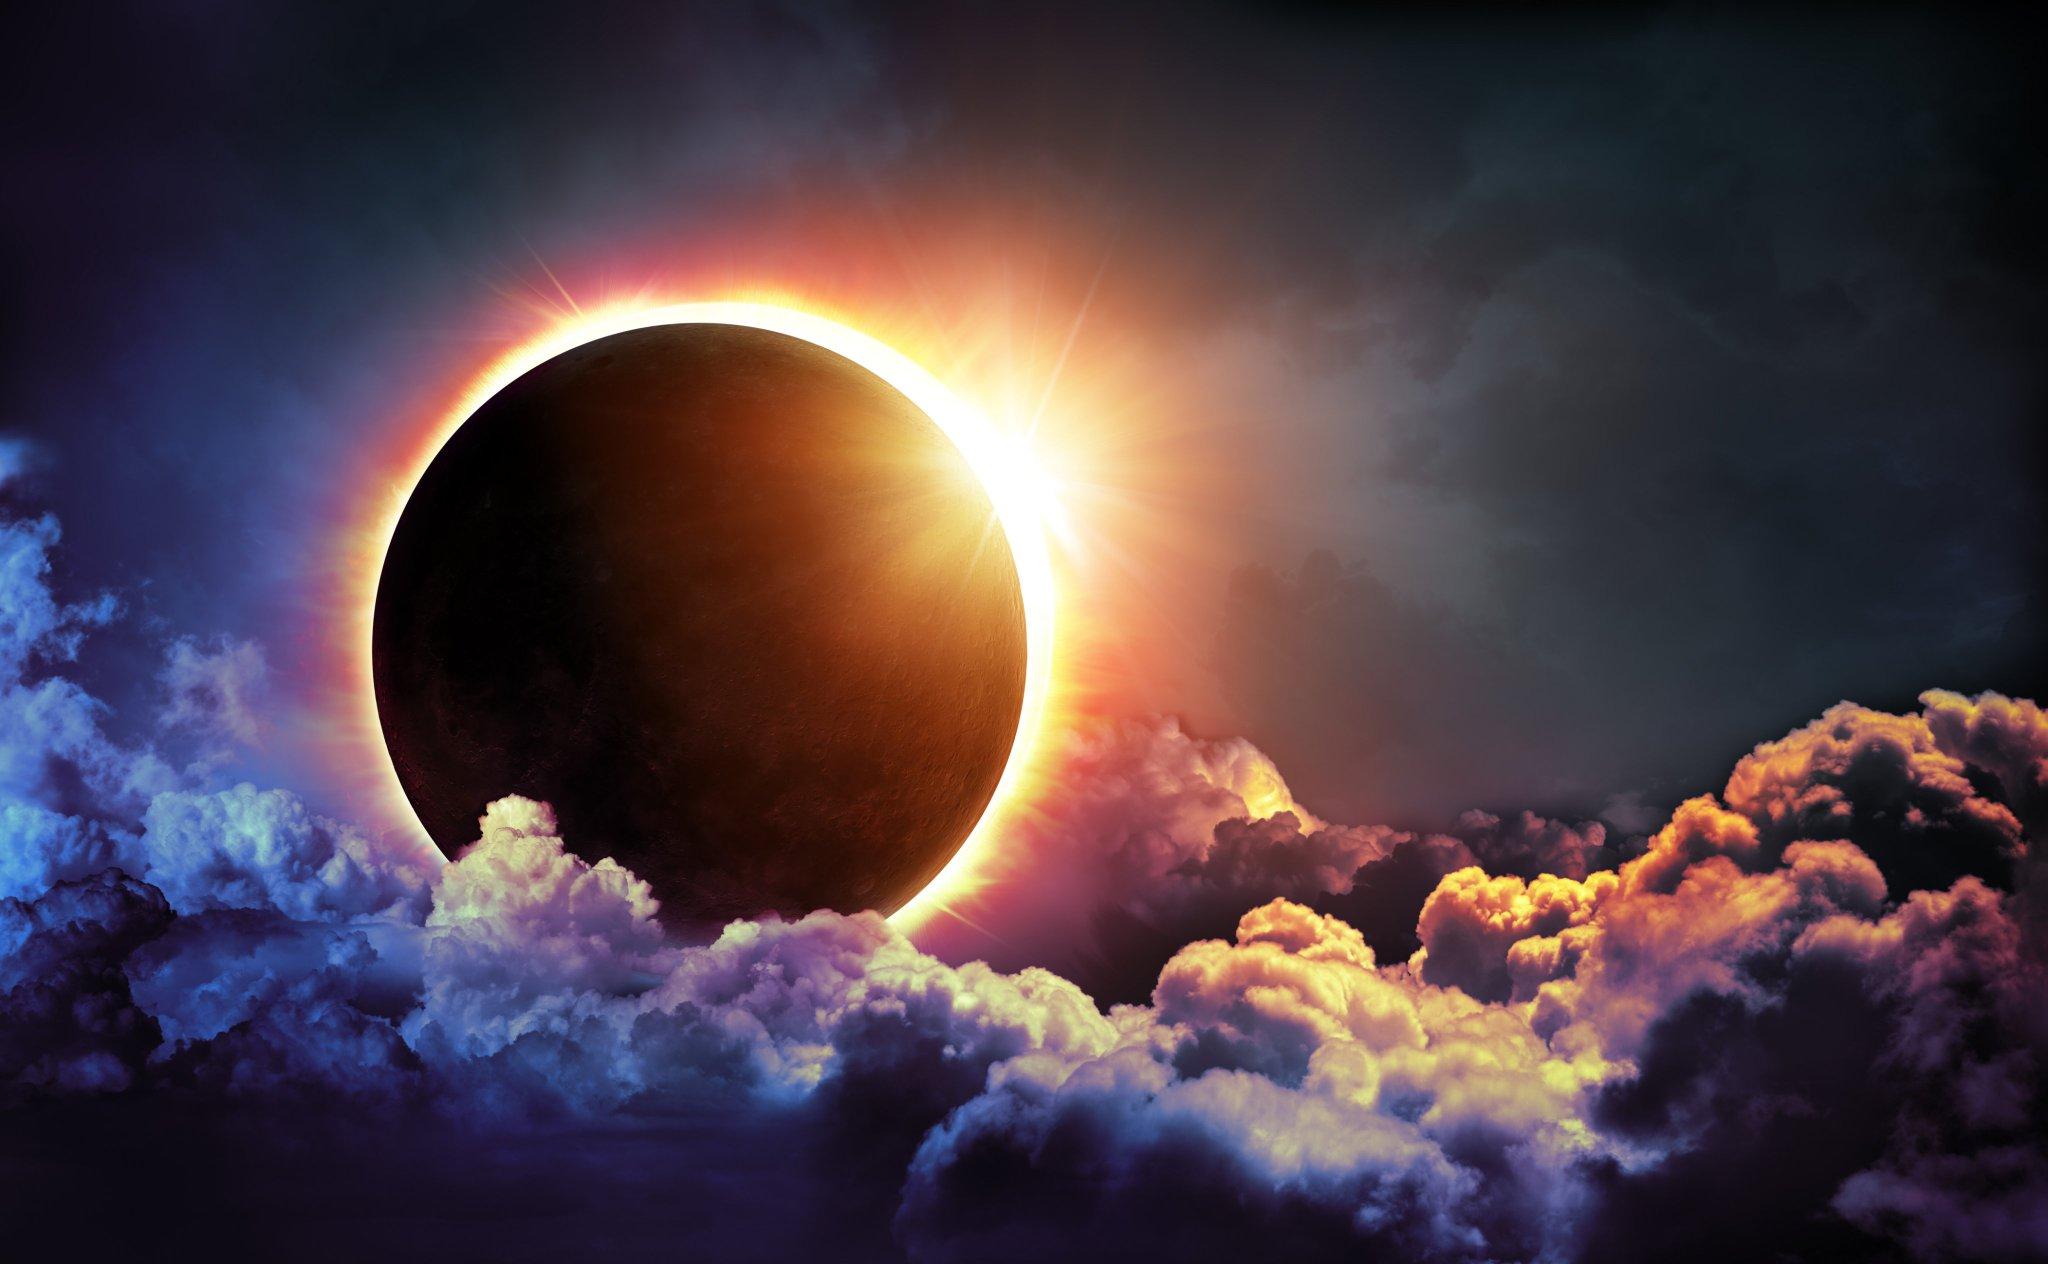 красивые картинки лунного затмения самый легкий